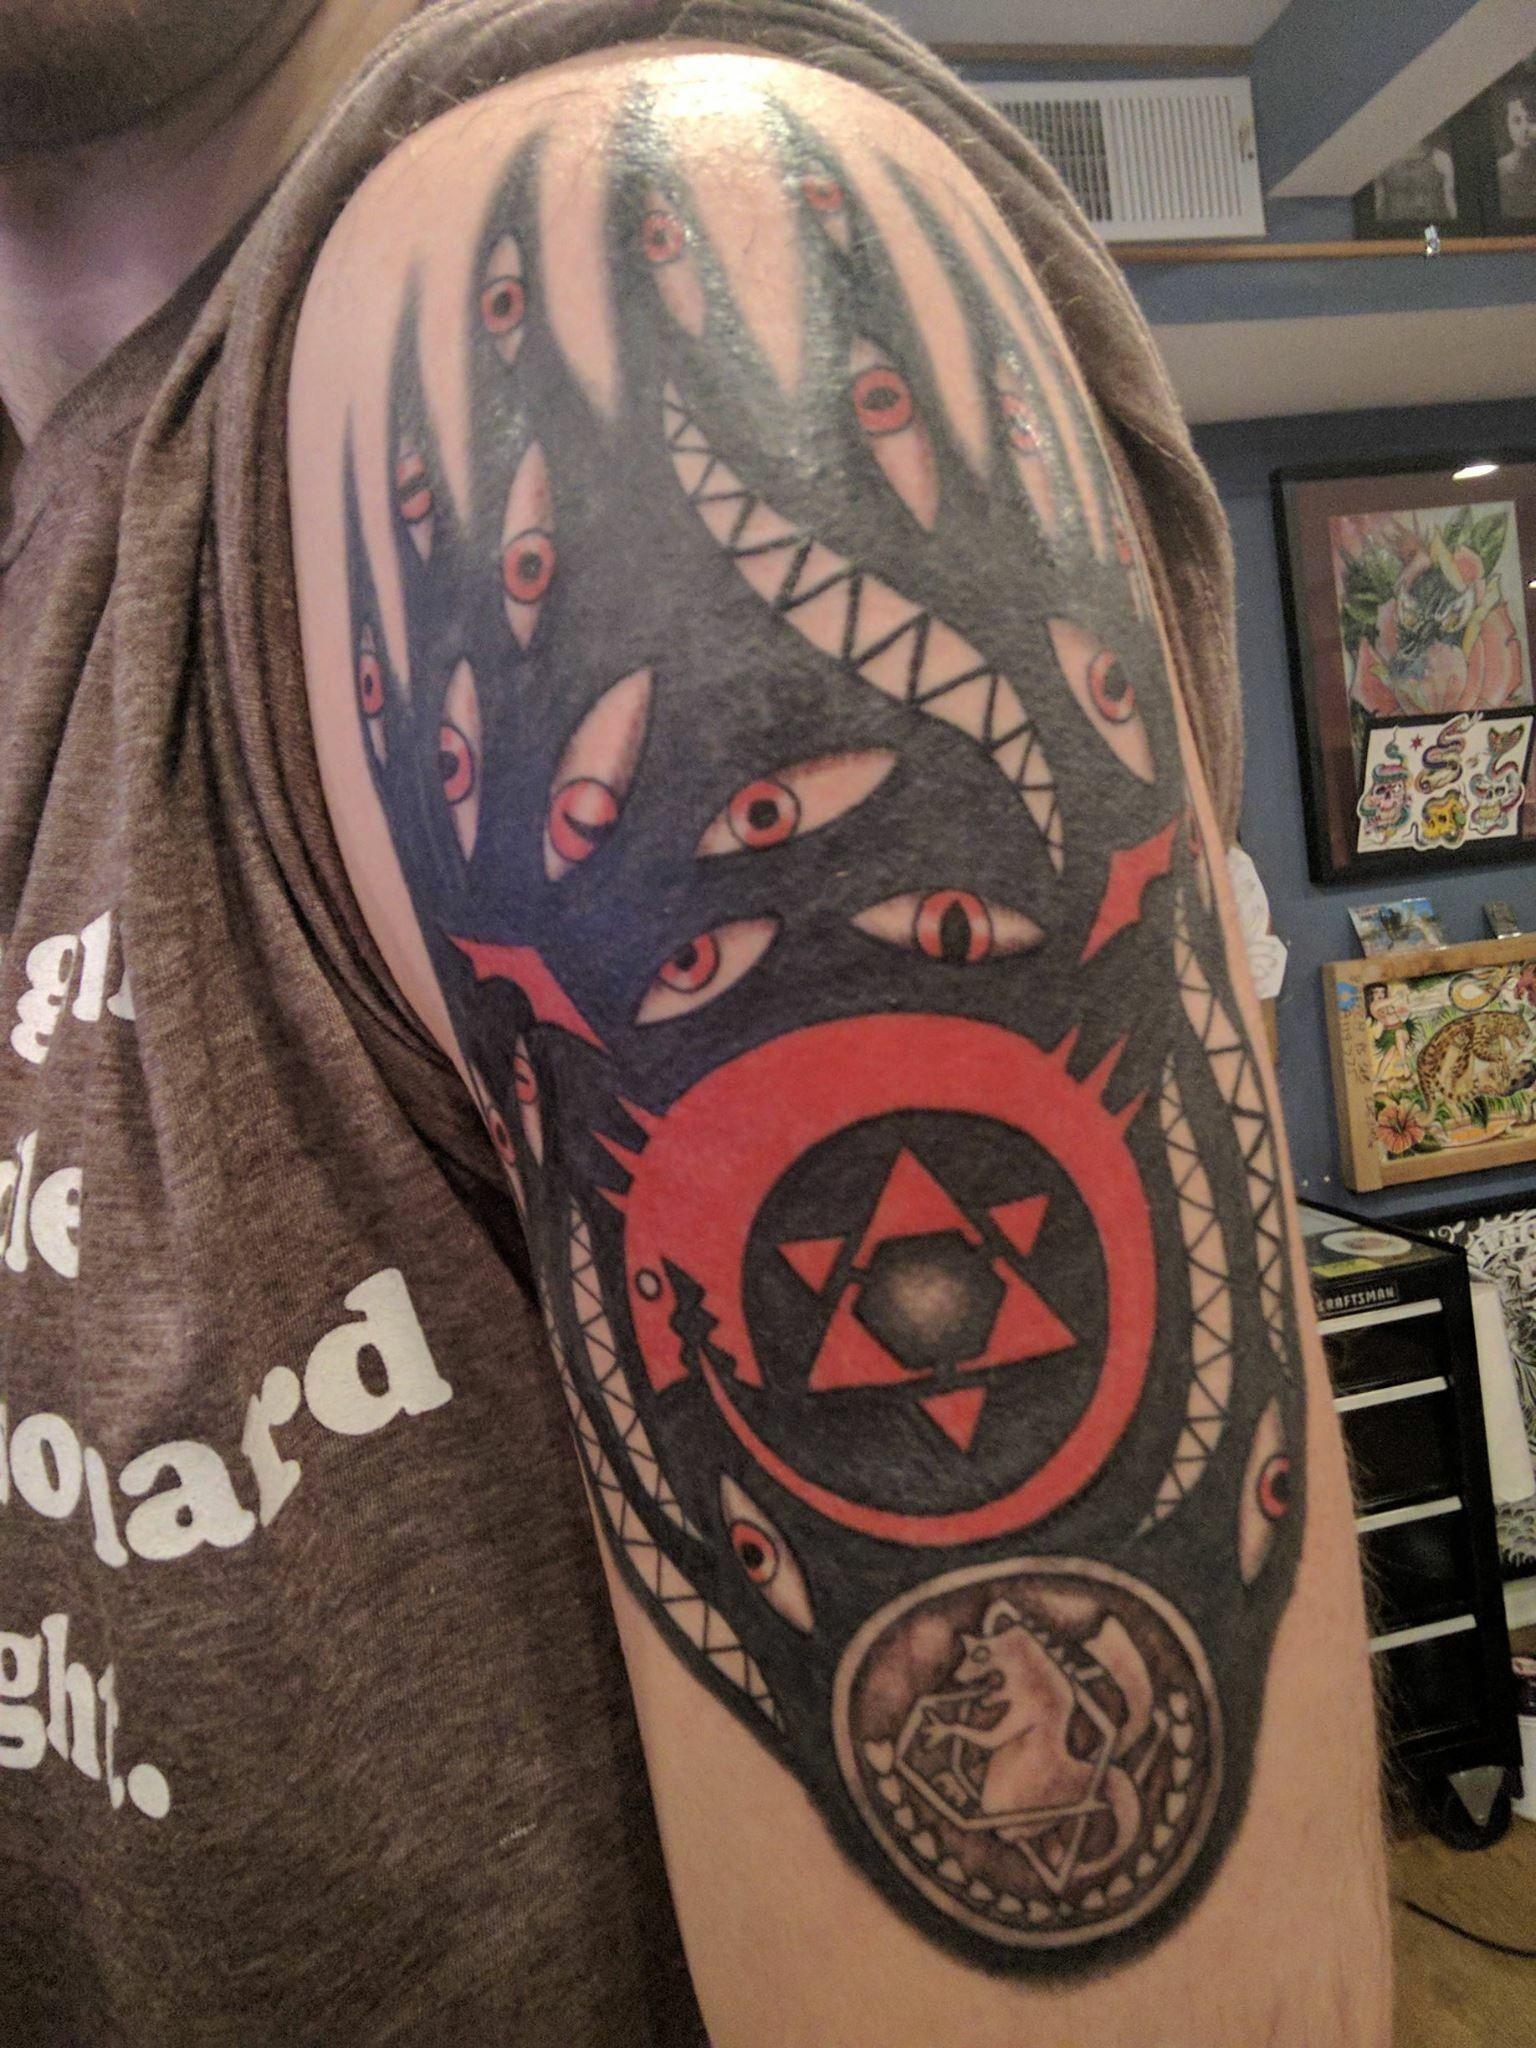 Tatuajes Anime epic full metal alchemist tattoo   tattoos   pinterest   anime